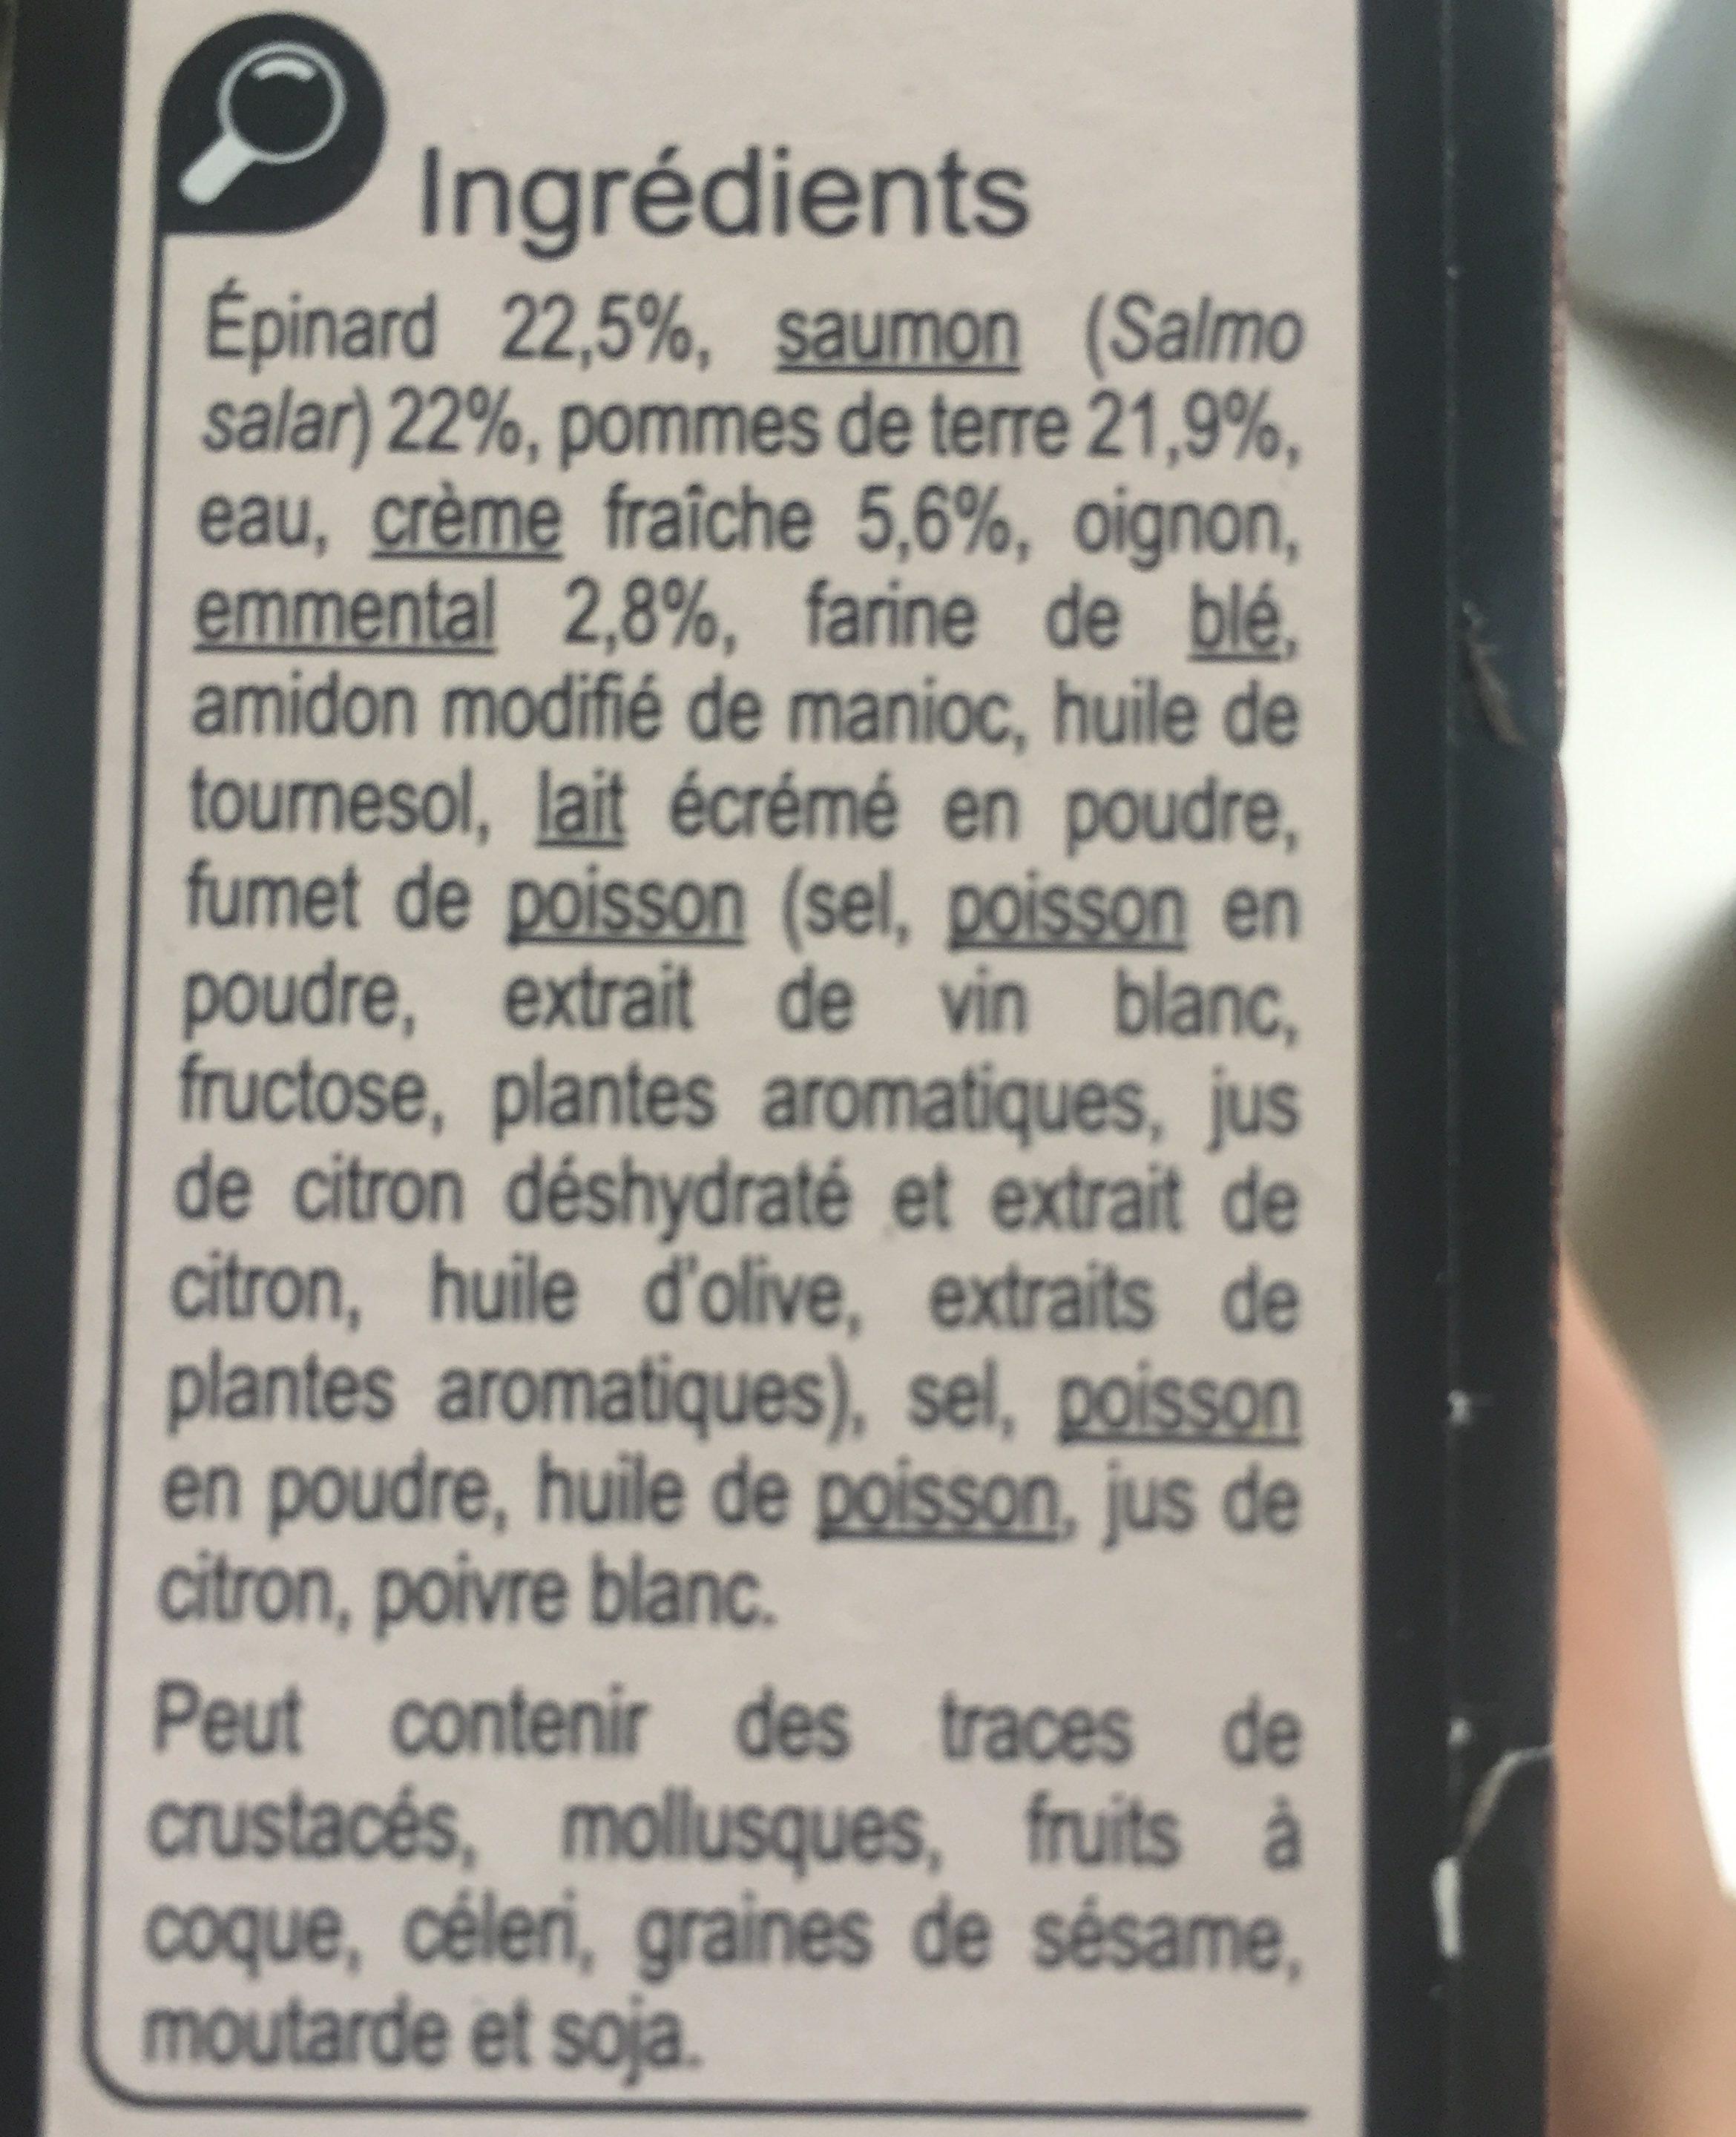 Ecrasé de pommes de terre,saumon et epinards - Ingrédients - fr